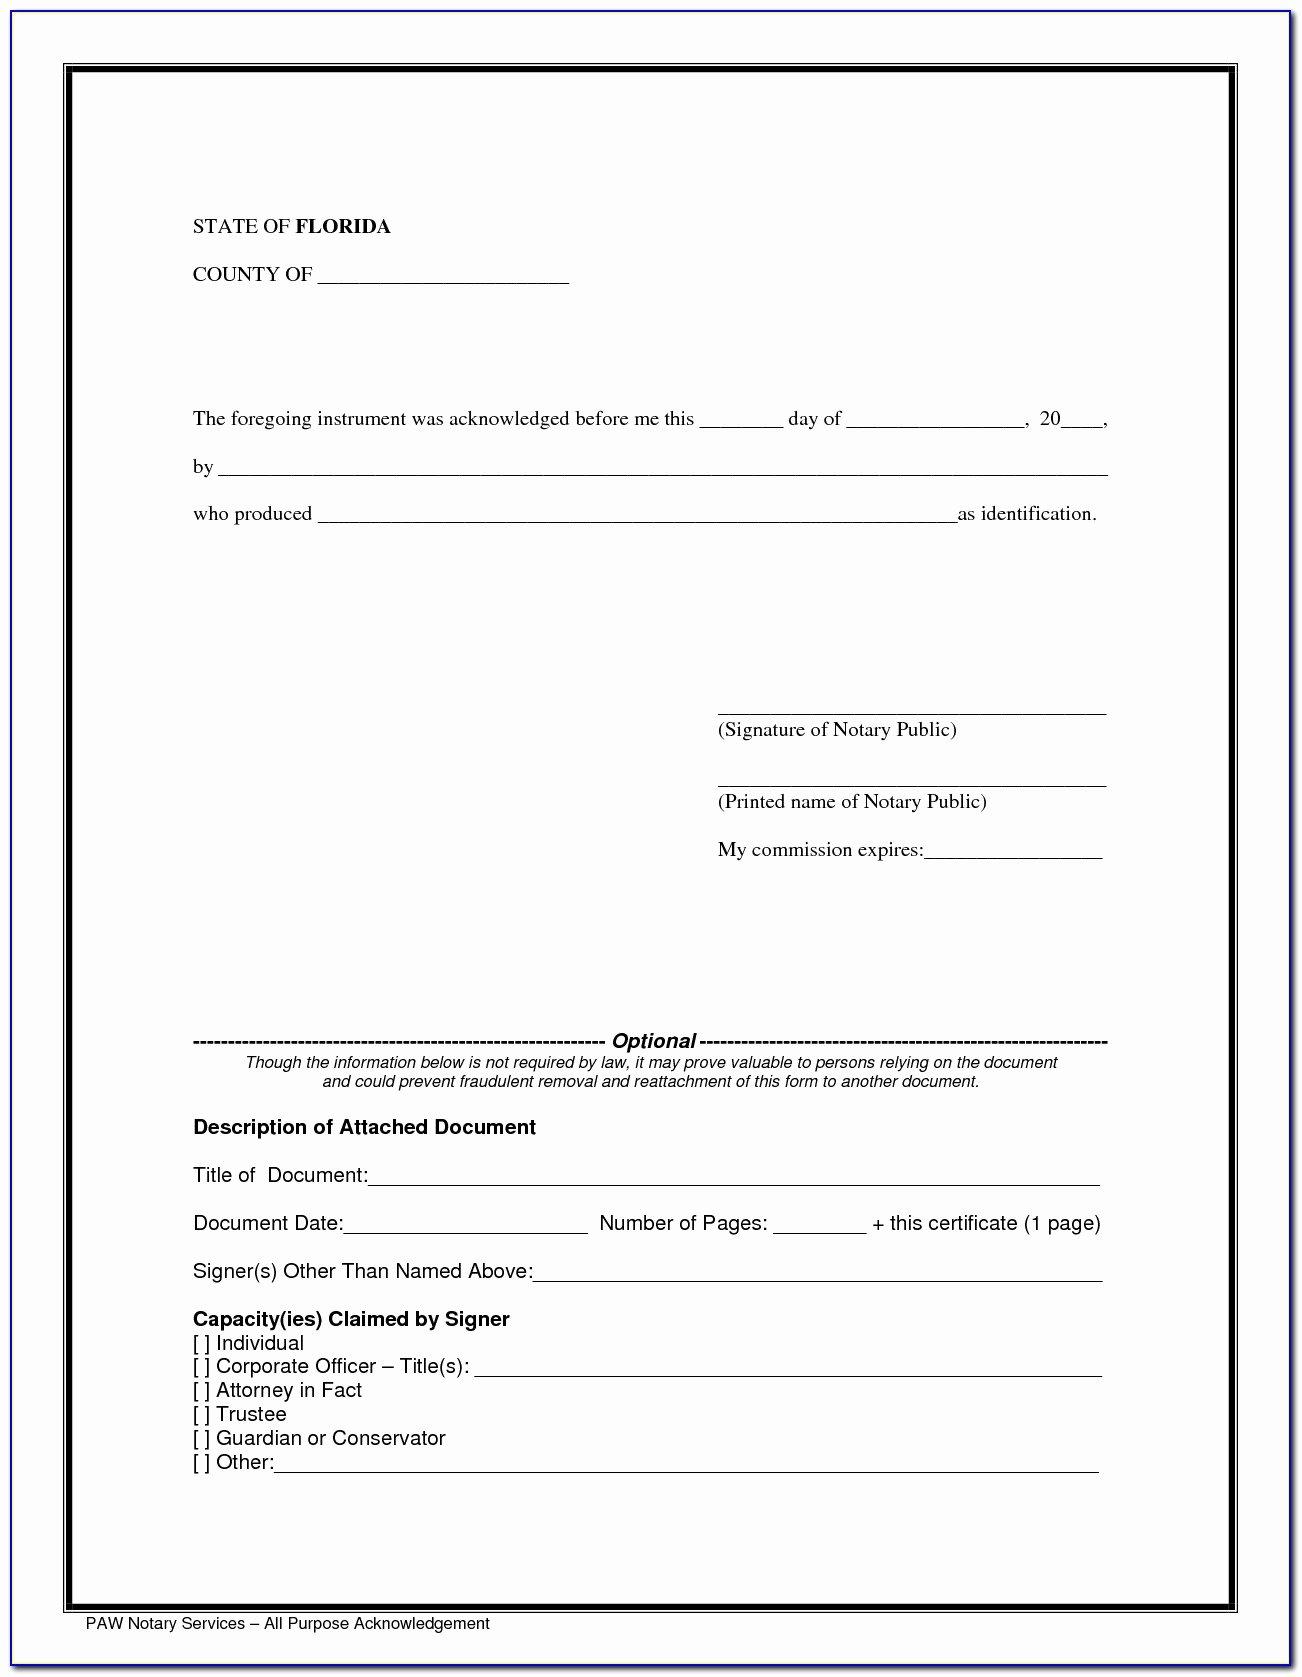 Notary Public Signature Line Template Unique Notary Public Signature Line Template Free Templates Block